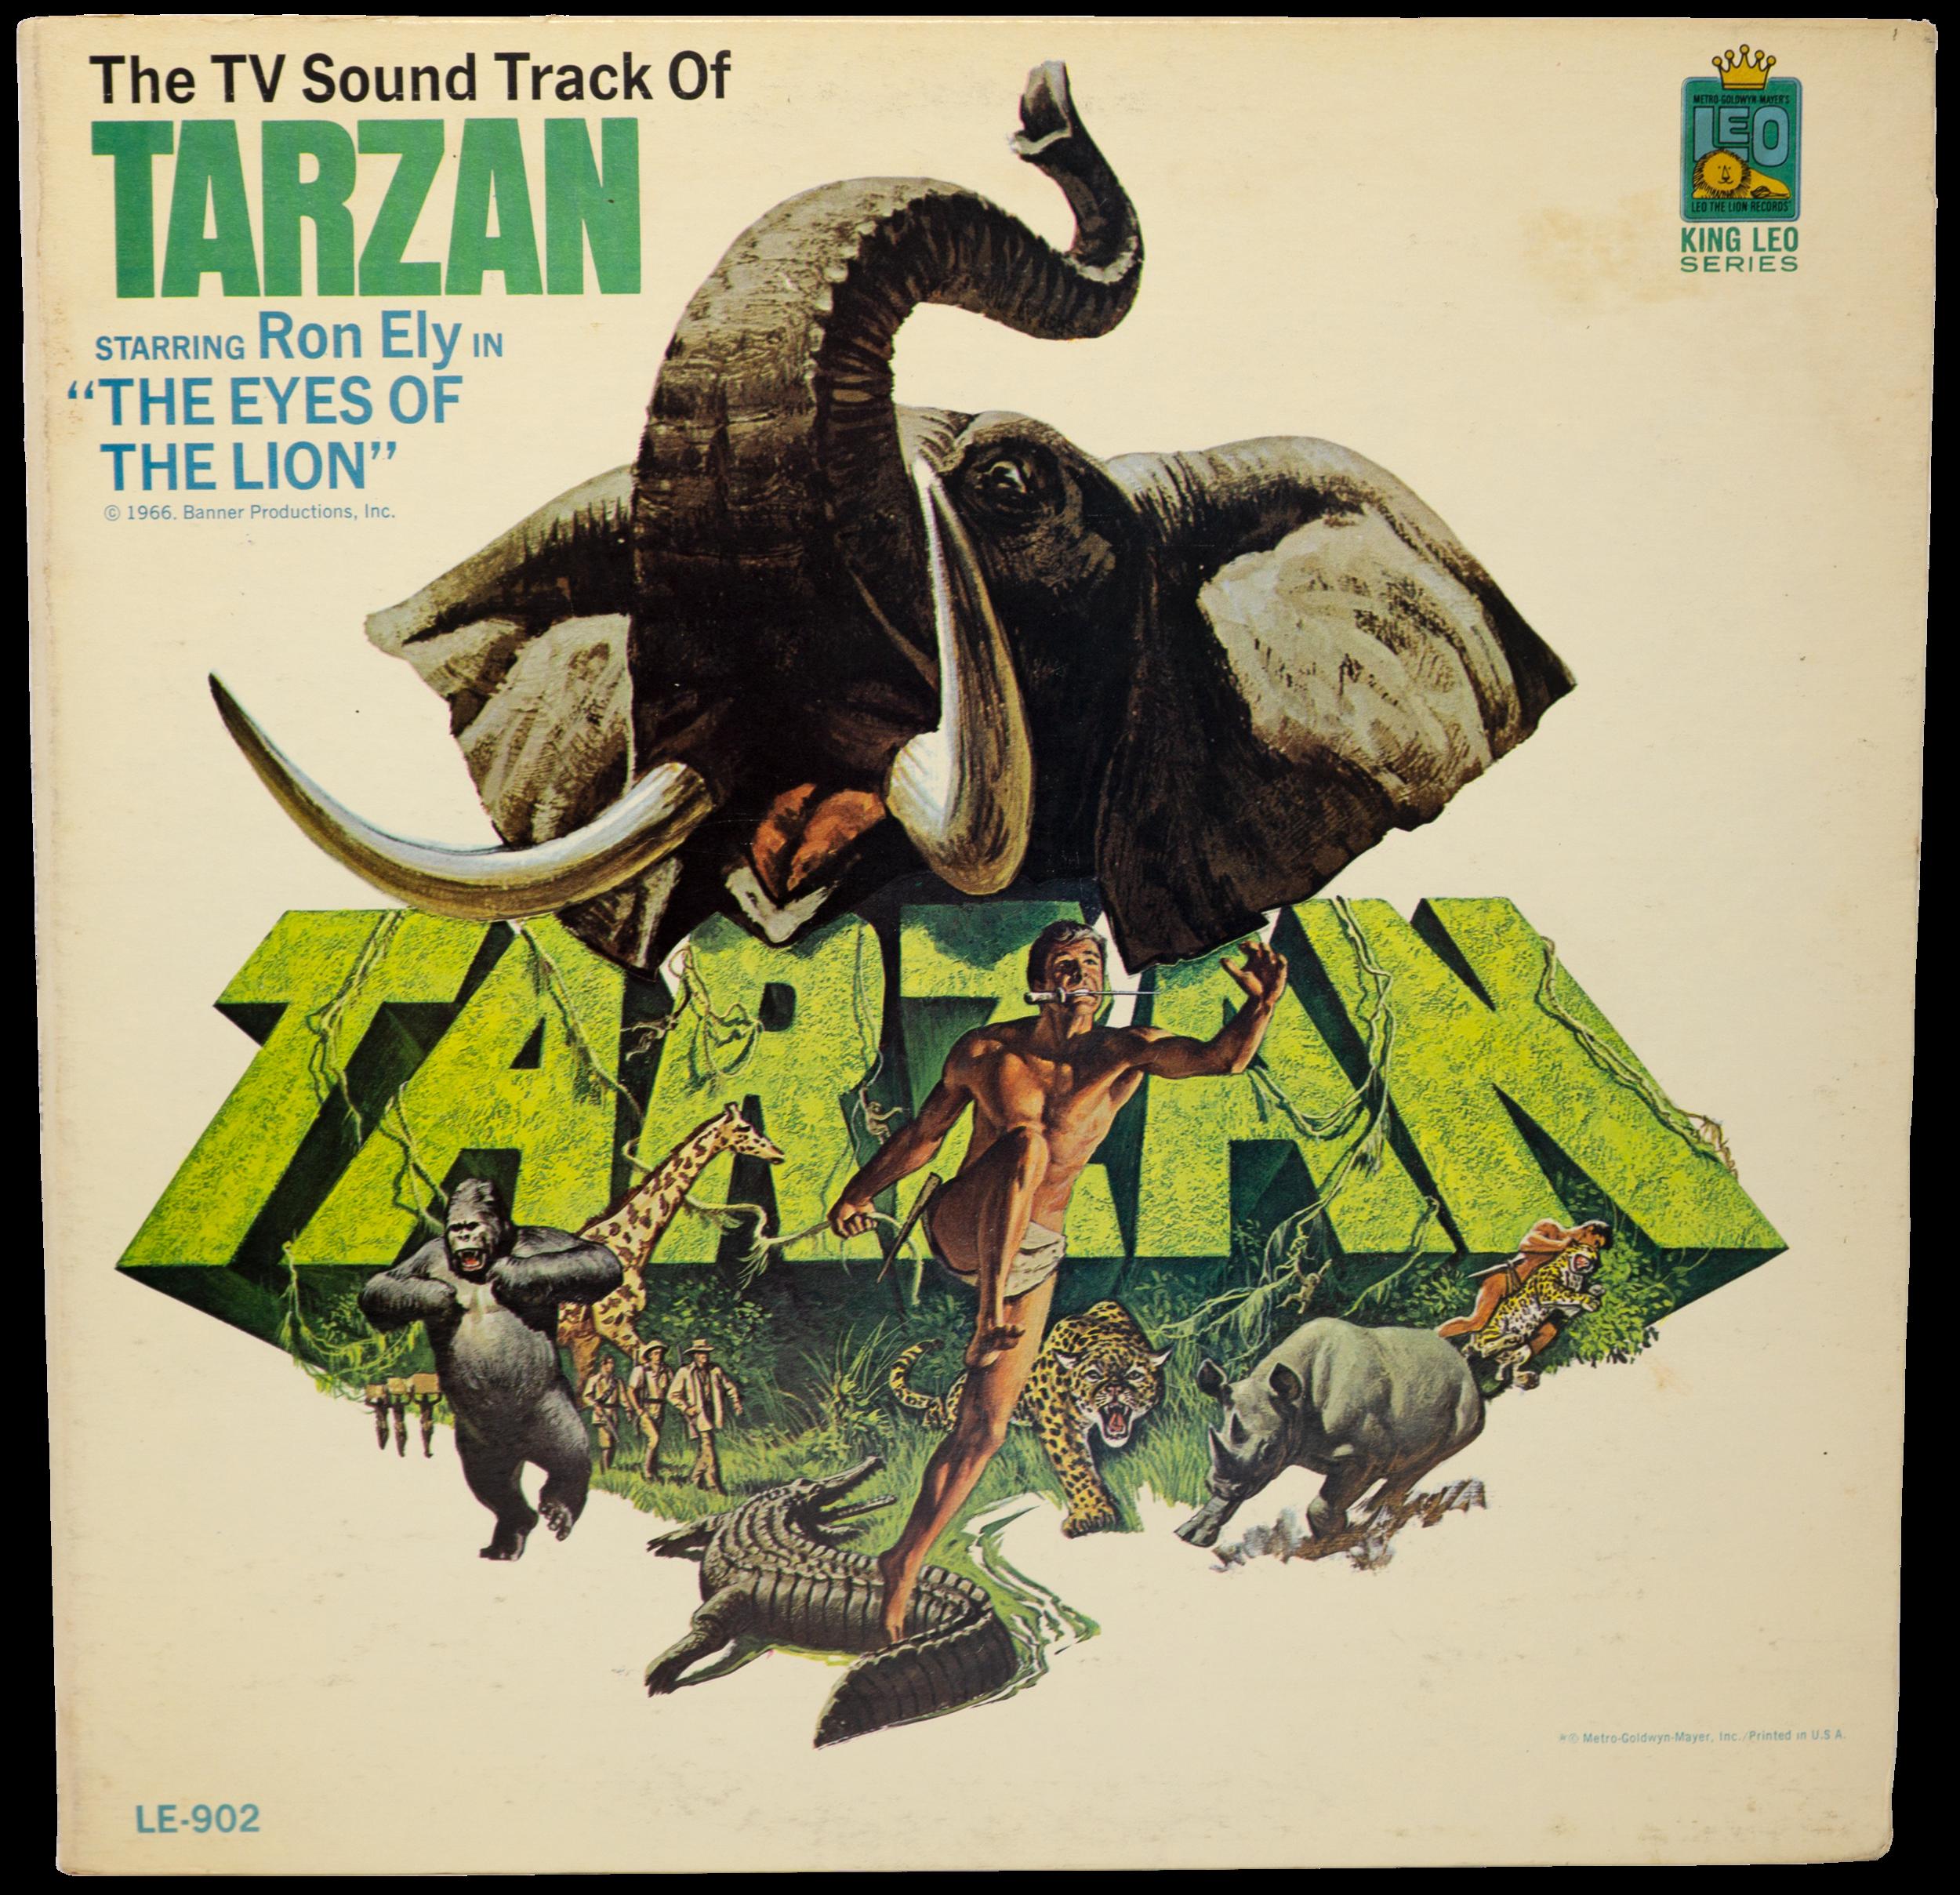 WLWLTDOO-1966-LP-TARZAN_SOUNDTRACK-FRONT-LE902.png